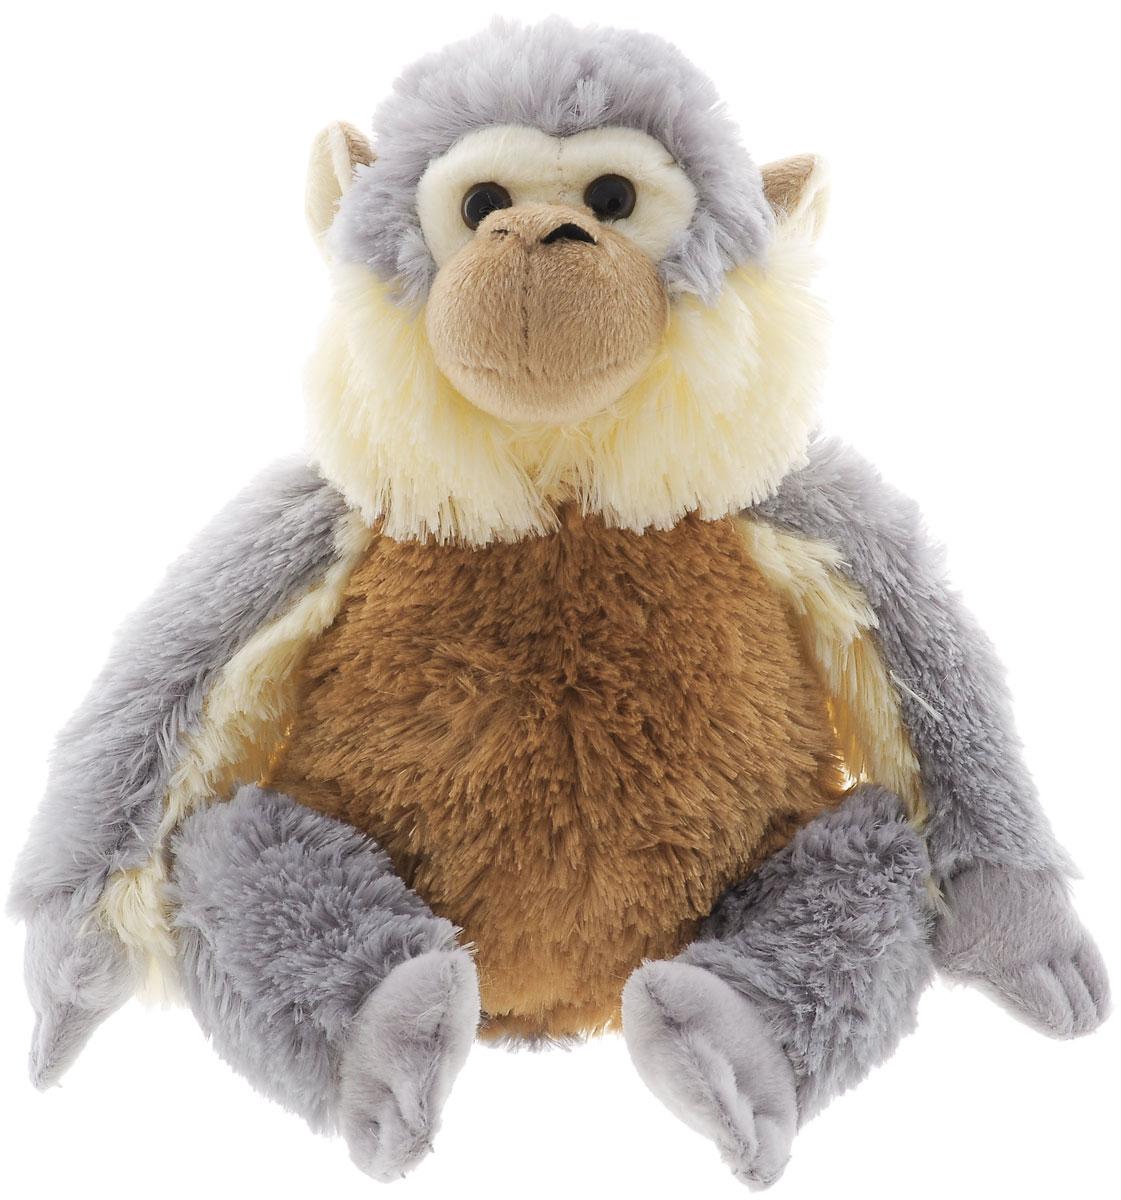 Aurora Мягкая игрушка Обезьянка, 32 см. 10-61910-619Очаровательная мягкая игрушка Обезьянка принесет радость и подарит своему обладателю мгновения нежных объятий и приятных воспоминаний. Длинный хвостик, торчащие ушки и разноцветная шерсть делают эту игрушку неповторимой и оригинальной. Глаза выполнены из пластика, мордочка обезьянки имеет уплотненную форму и широкие ноздри, что придает ей естественный вид. Игрушка изготовлена из экологически чистых материалов: высококачественного плюшa и гипoaллepгeнного cинтепoна. Не деформируется и не теряет внешний вид после машинной стирки. Великолепное качество исполнения делают эту игрушку чудесным подарком к любому празднику, как для ребенка, так и для взрослых.